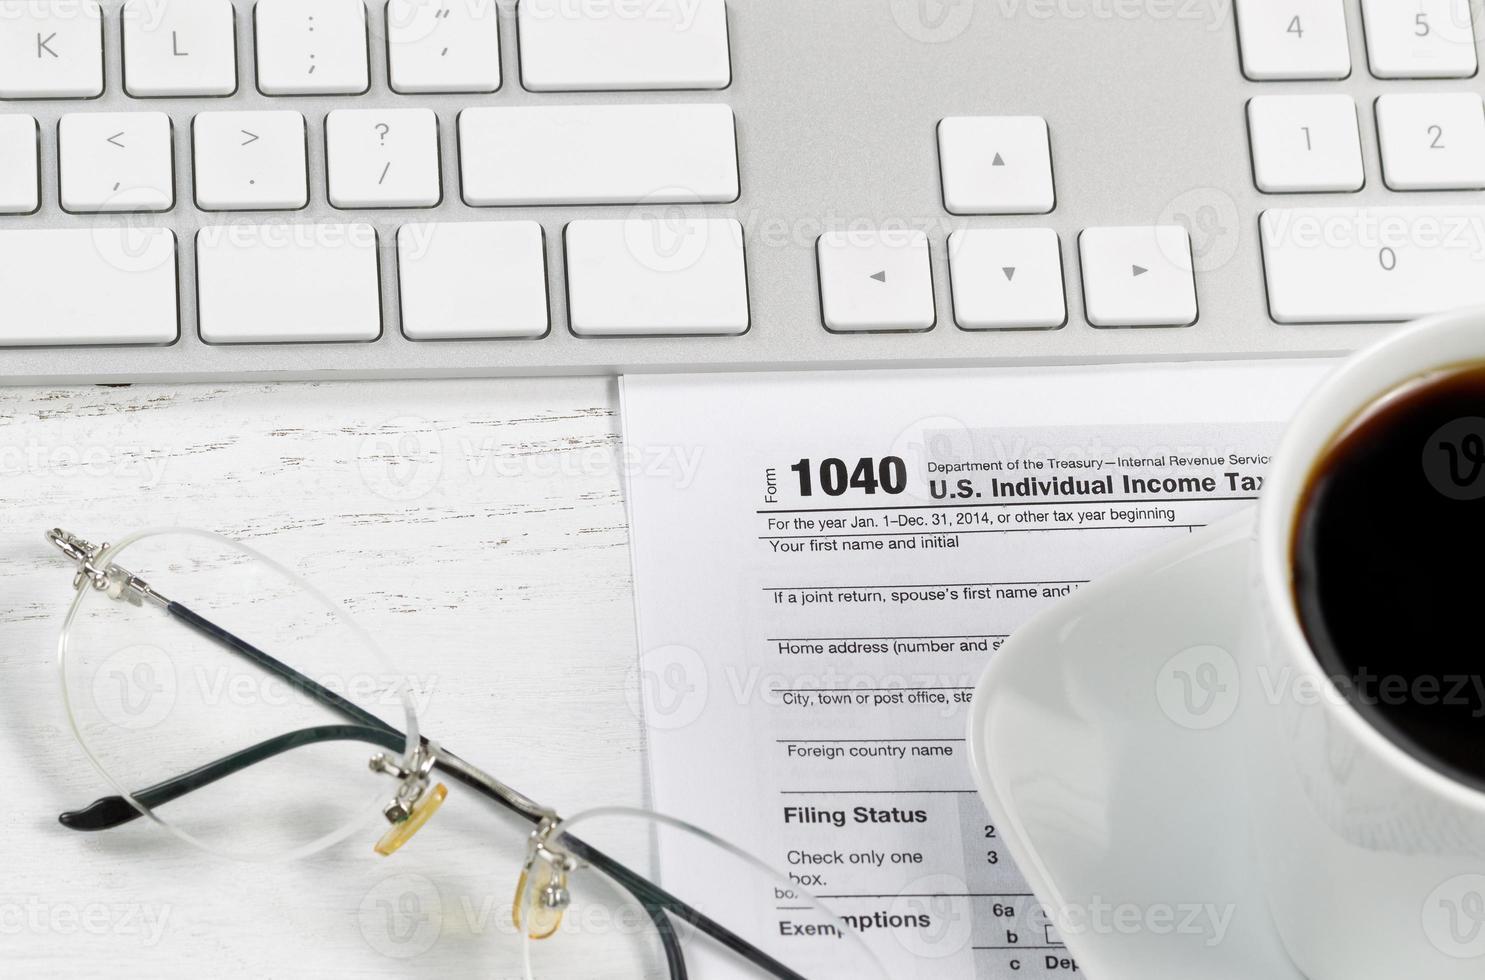 stretta di modulo fiscale sul desktop foto